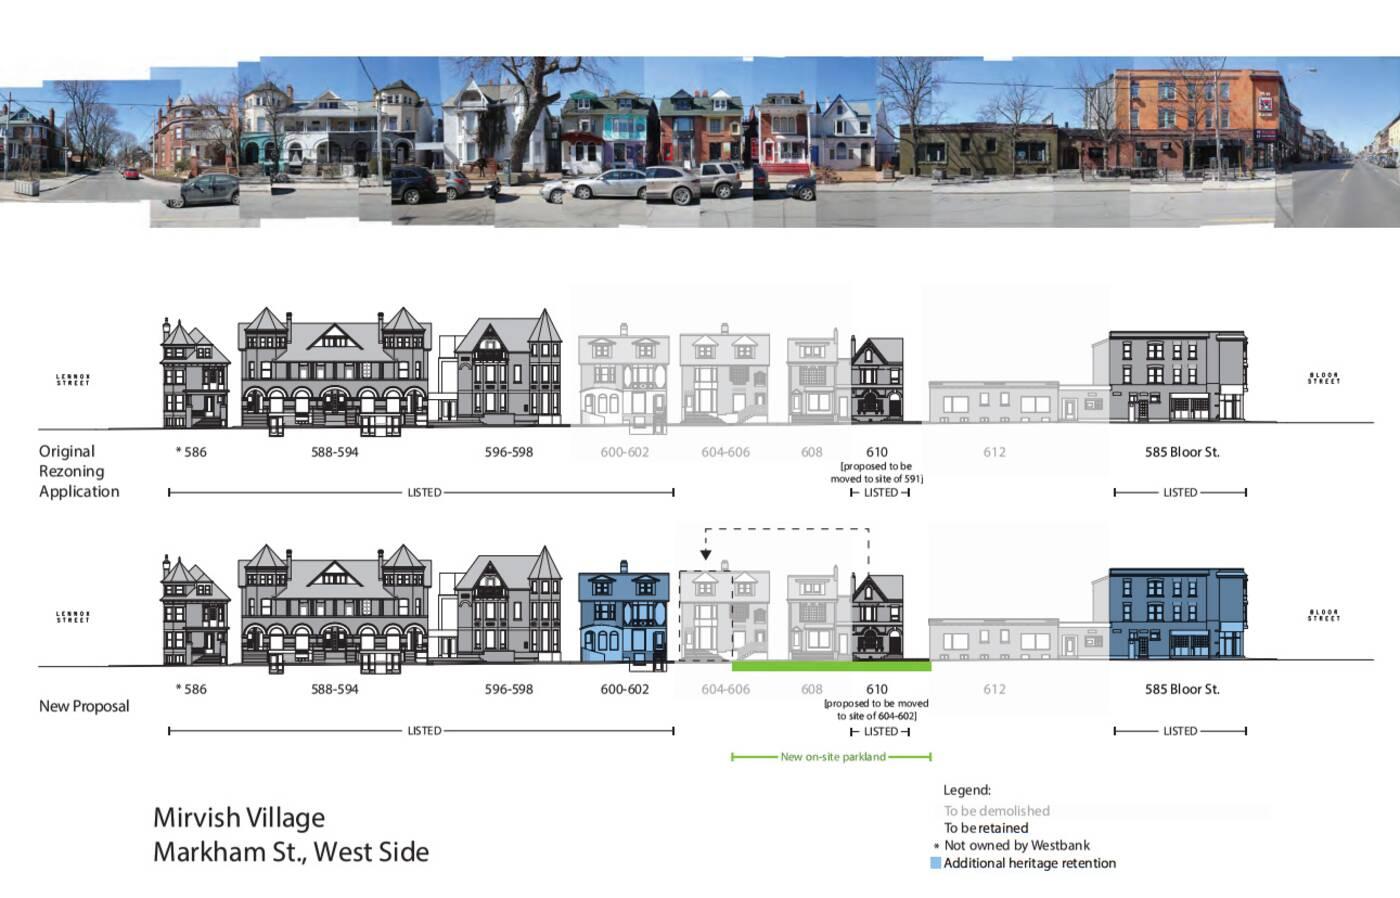 mirvish village redevelopment